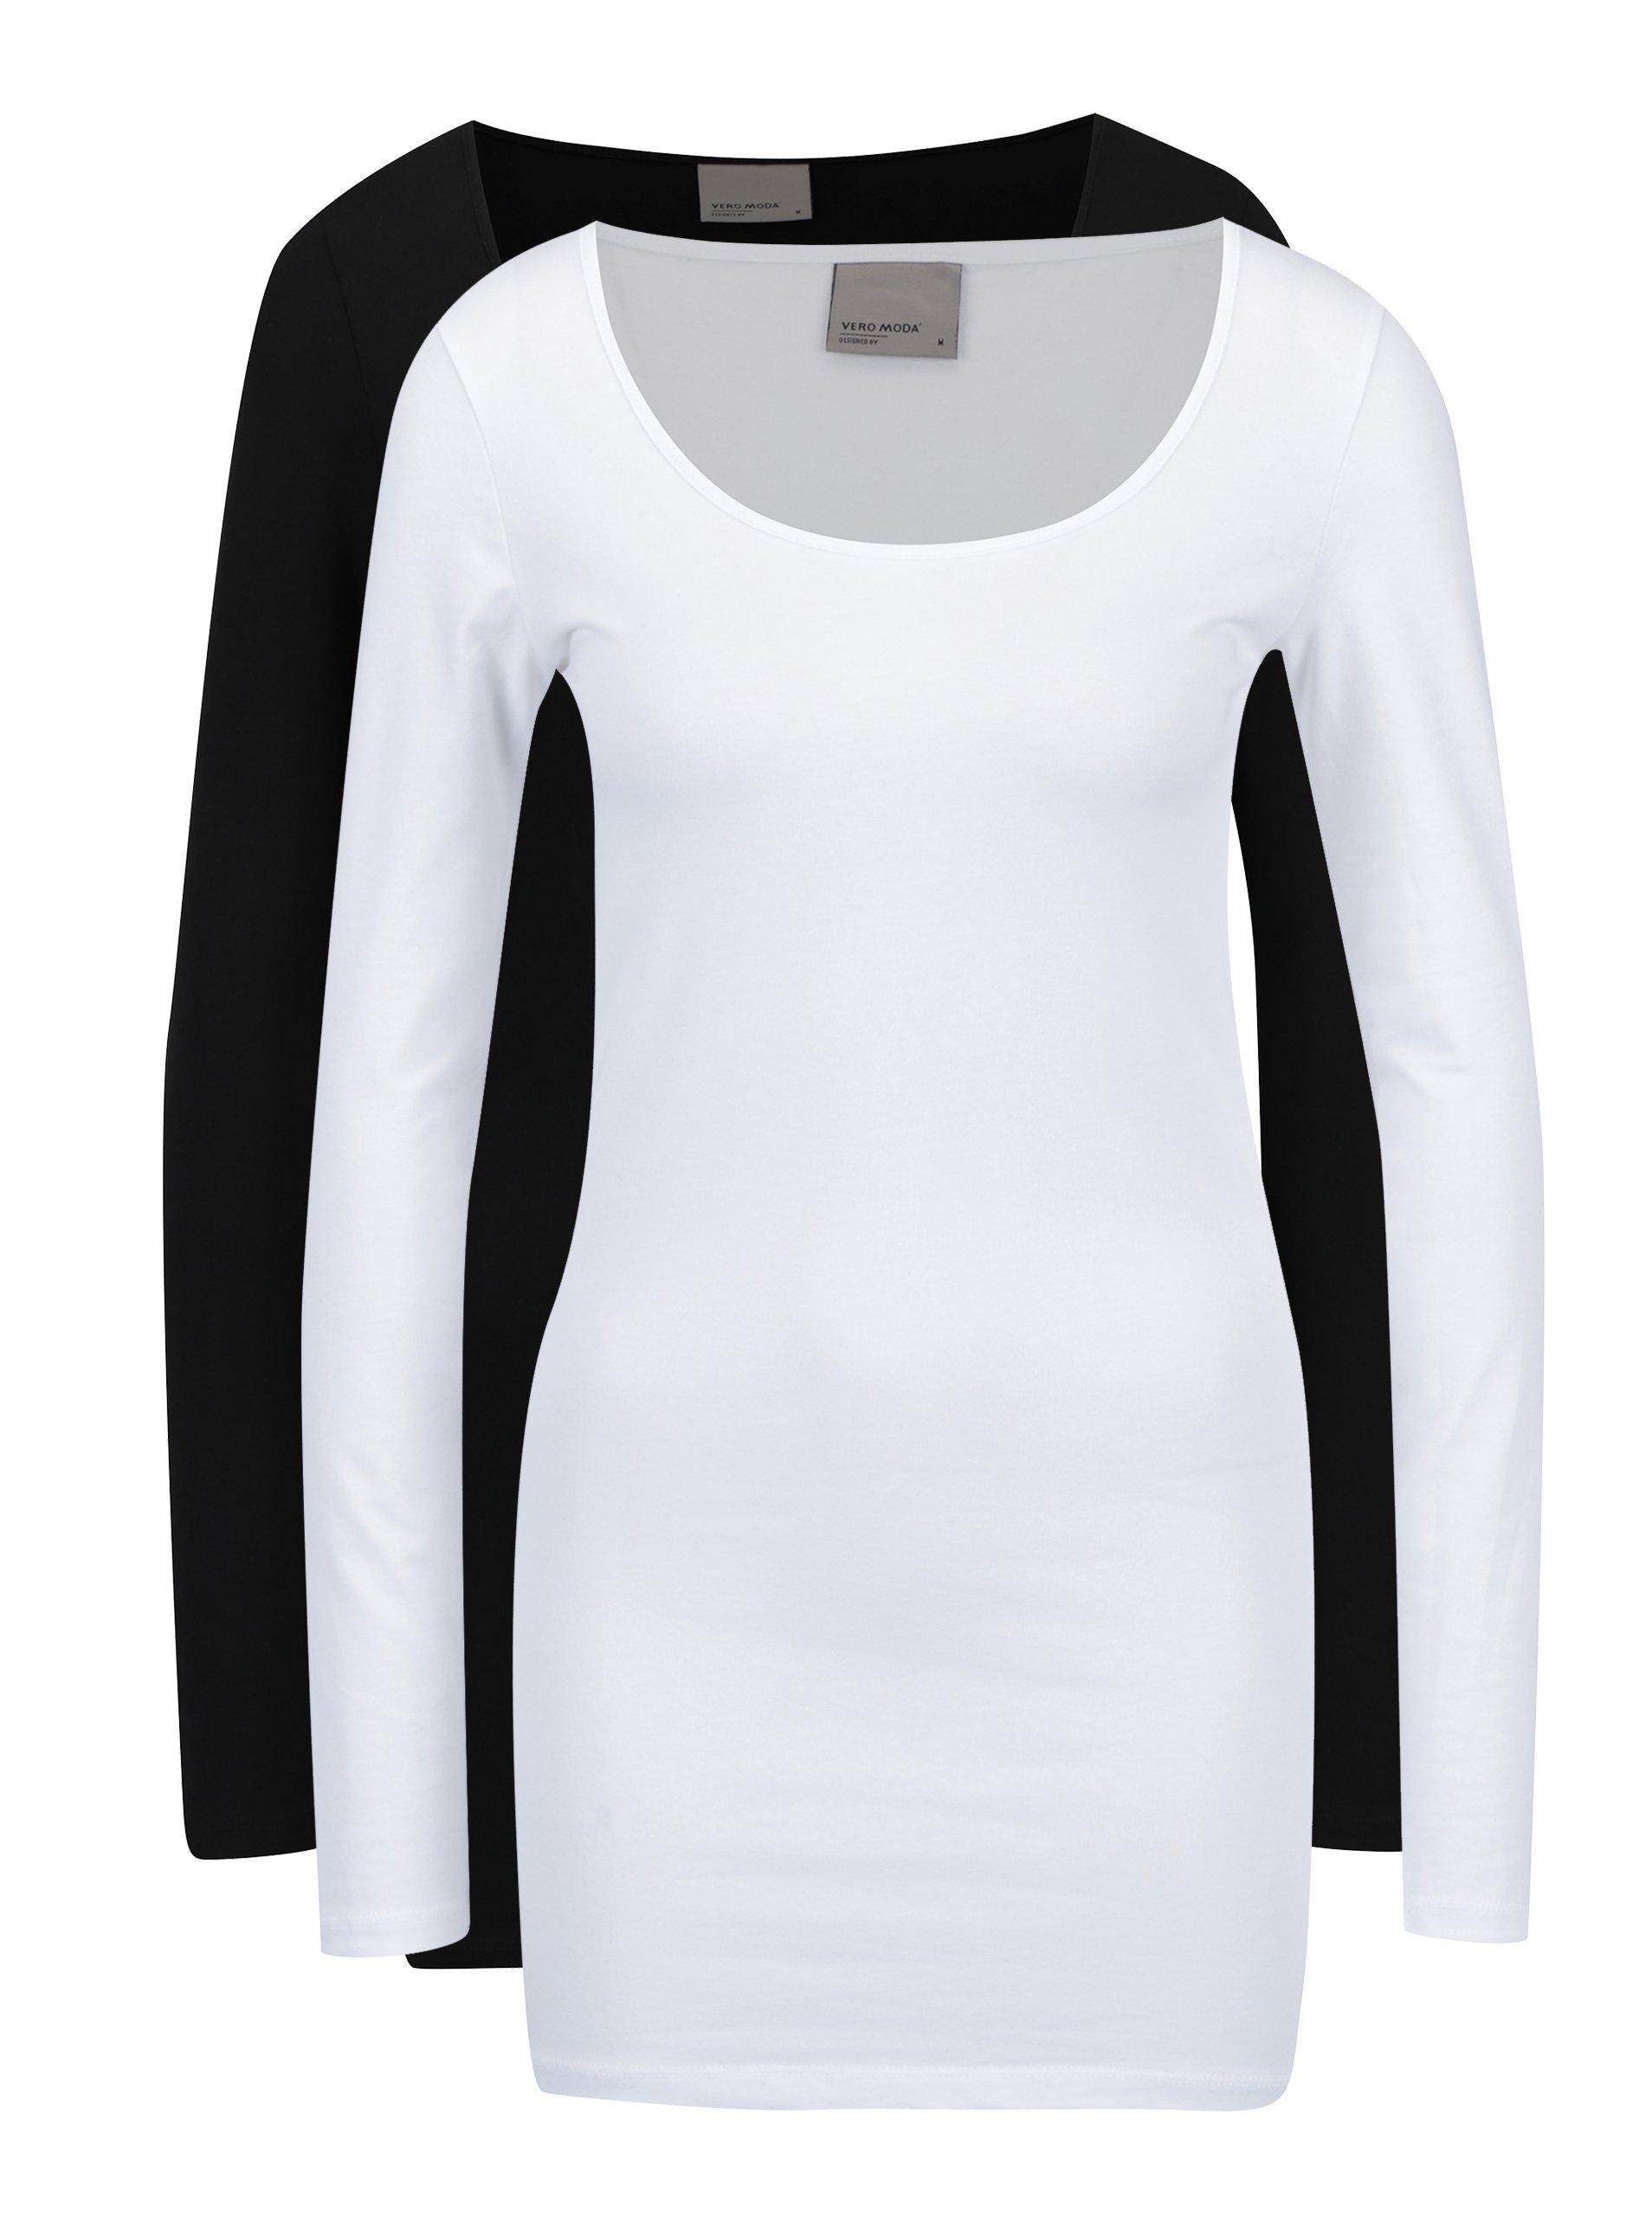 ffdc1c6670f6 Sada dvou dlouhých triček v černé a bílé barvě VERO MODA